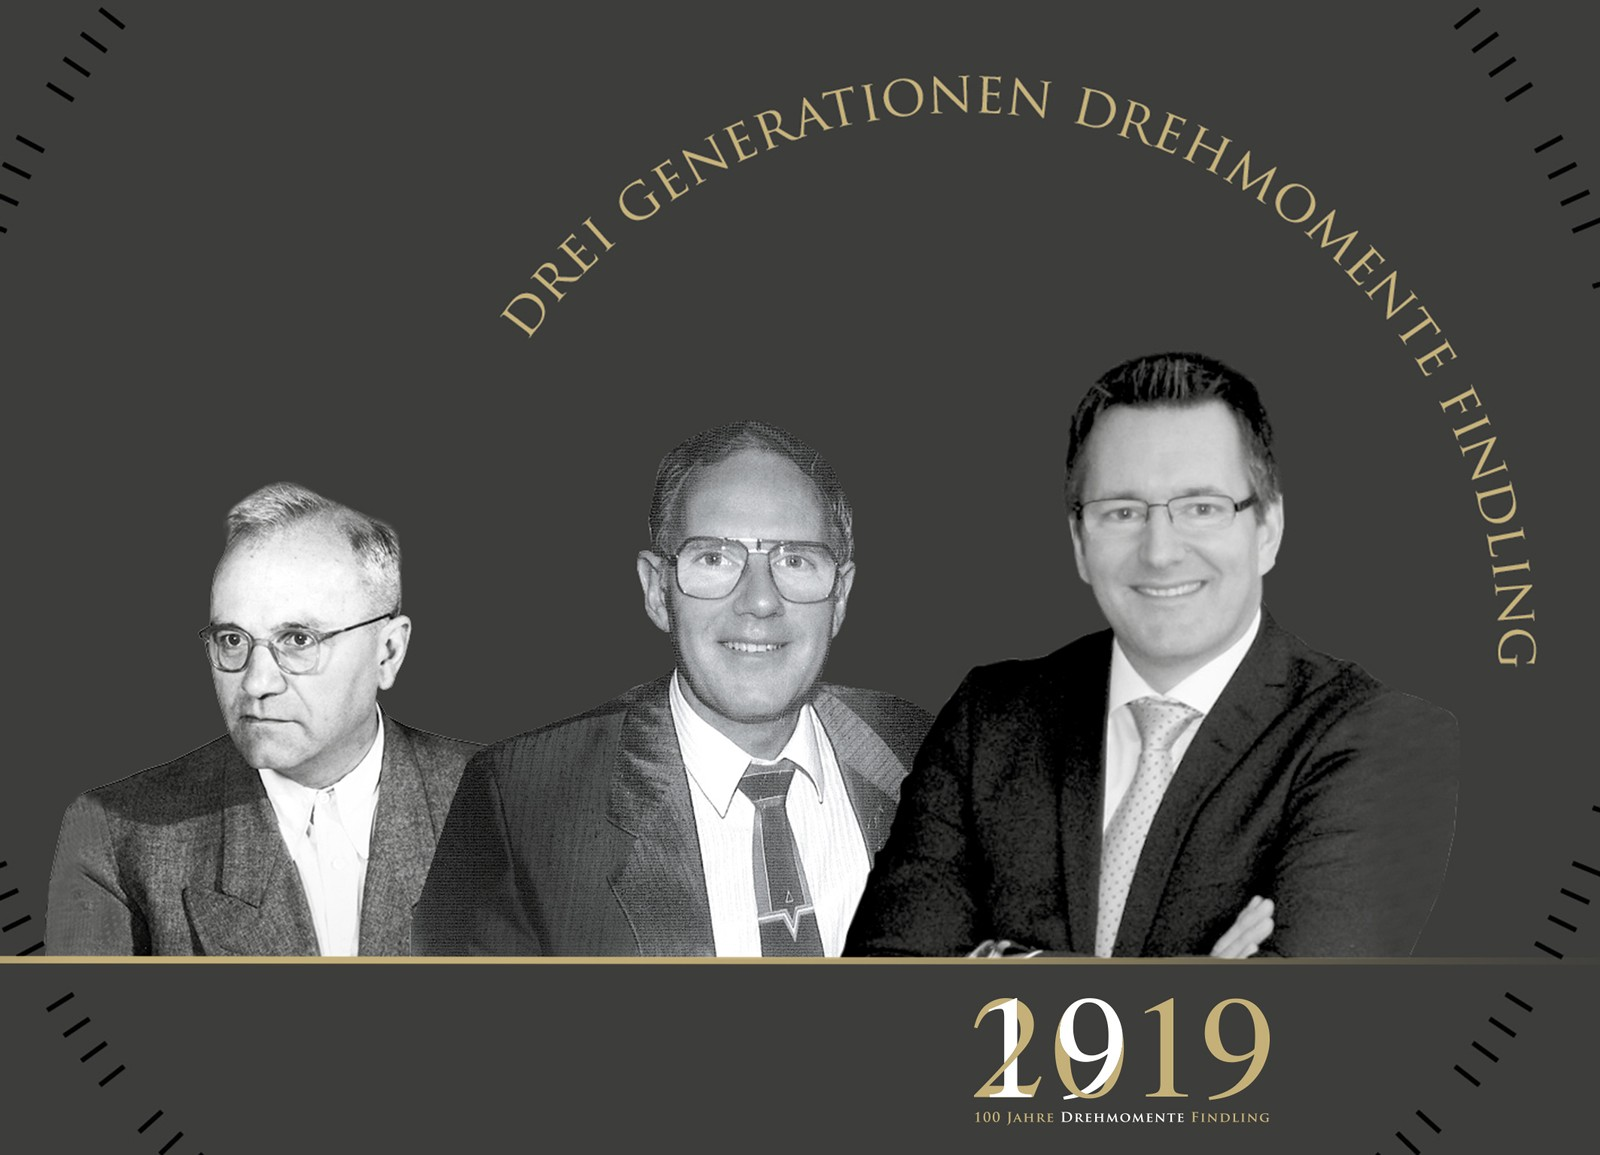 Familienunternehmen Findling Wälzlager in dritter Generation: (v.l) Franz Anton Findling gründete die Firma 1919 in Berlin. Sohn Franz Peter übernahm im Alter von 25 Jahren. Seit 2001 ist Klaus Findling Geschäftsführer.